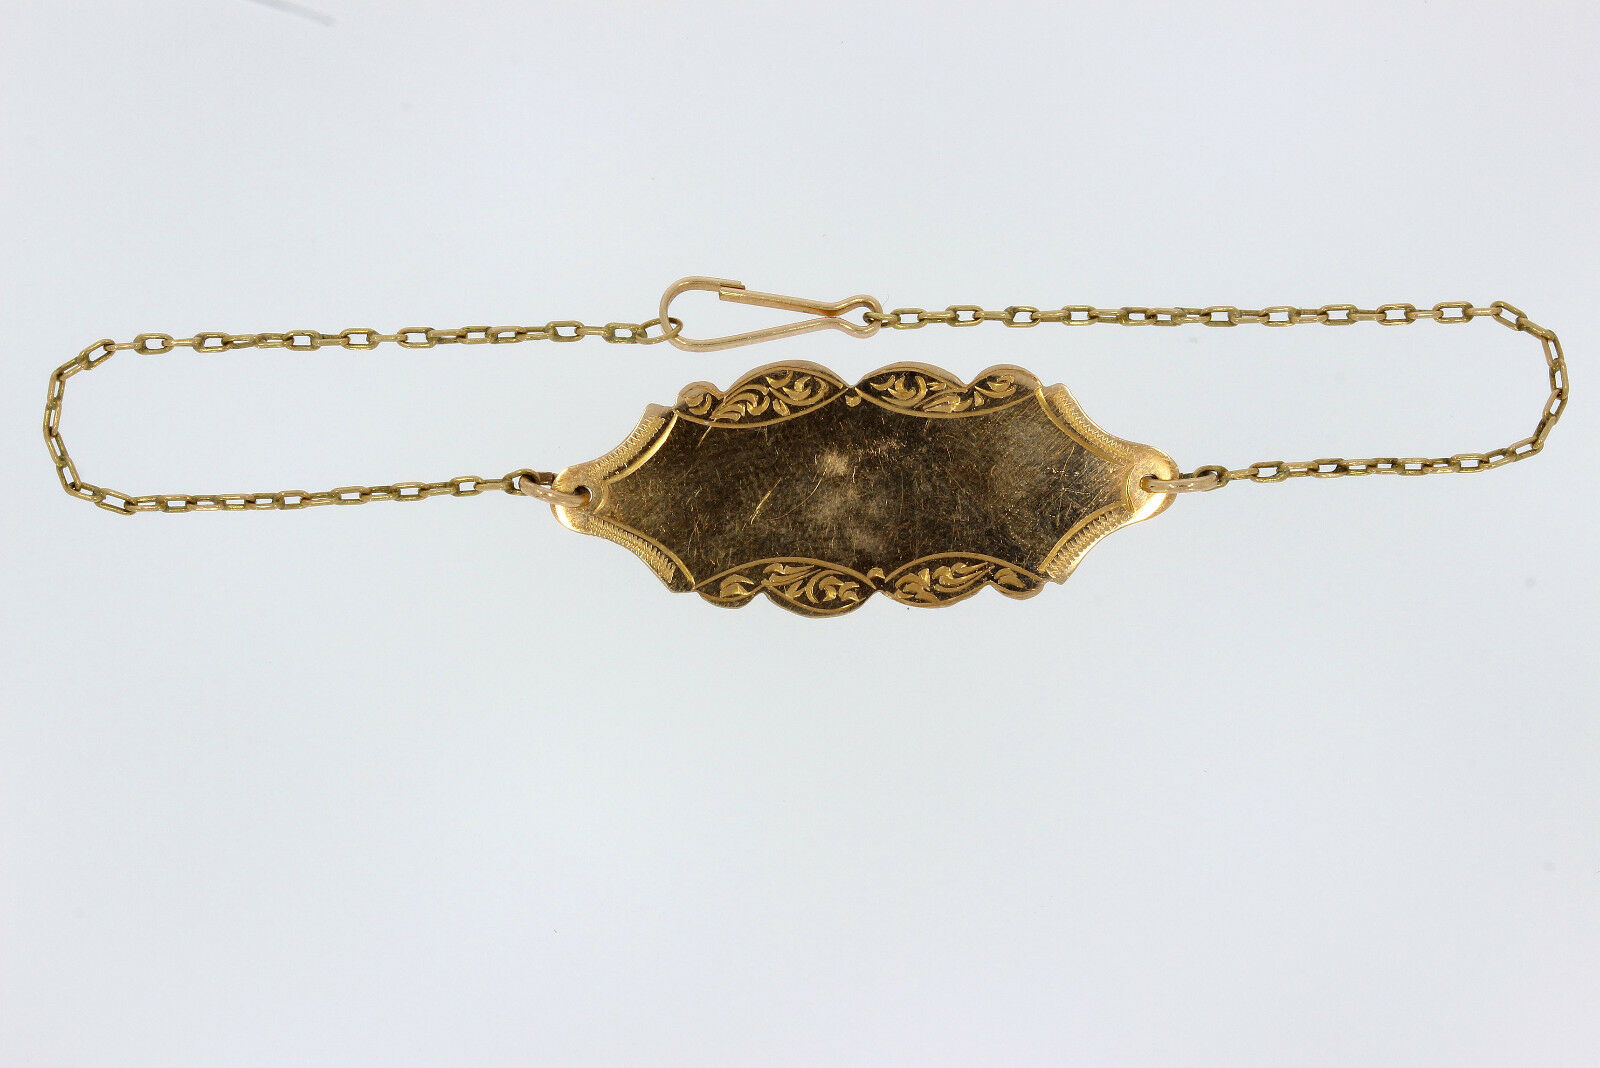 7614-333er yellowgold Armkätchen mit Plakat Lang 18,5 cm Gewicht 1,8 Gramm